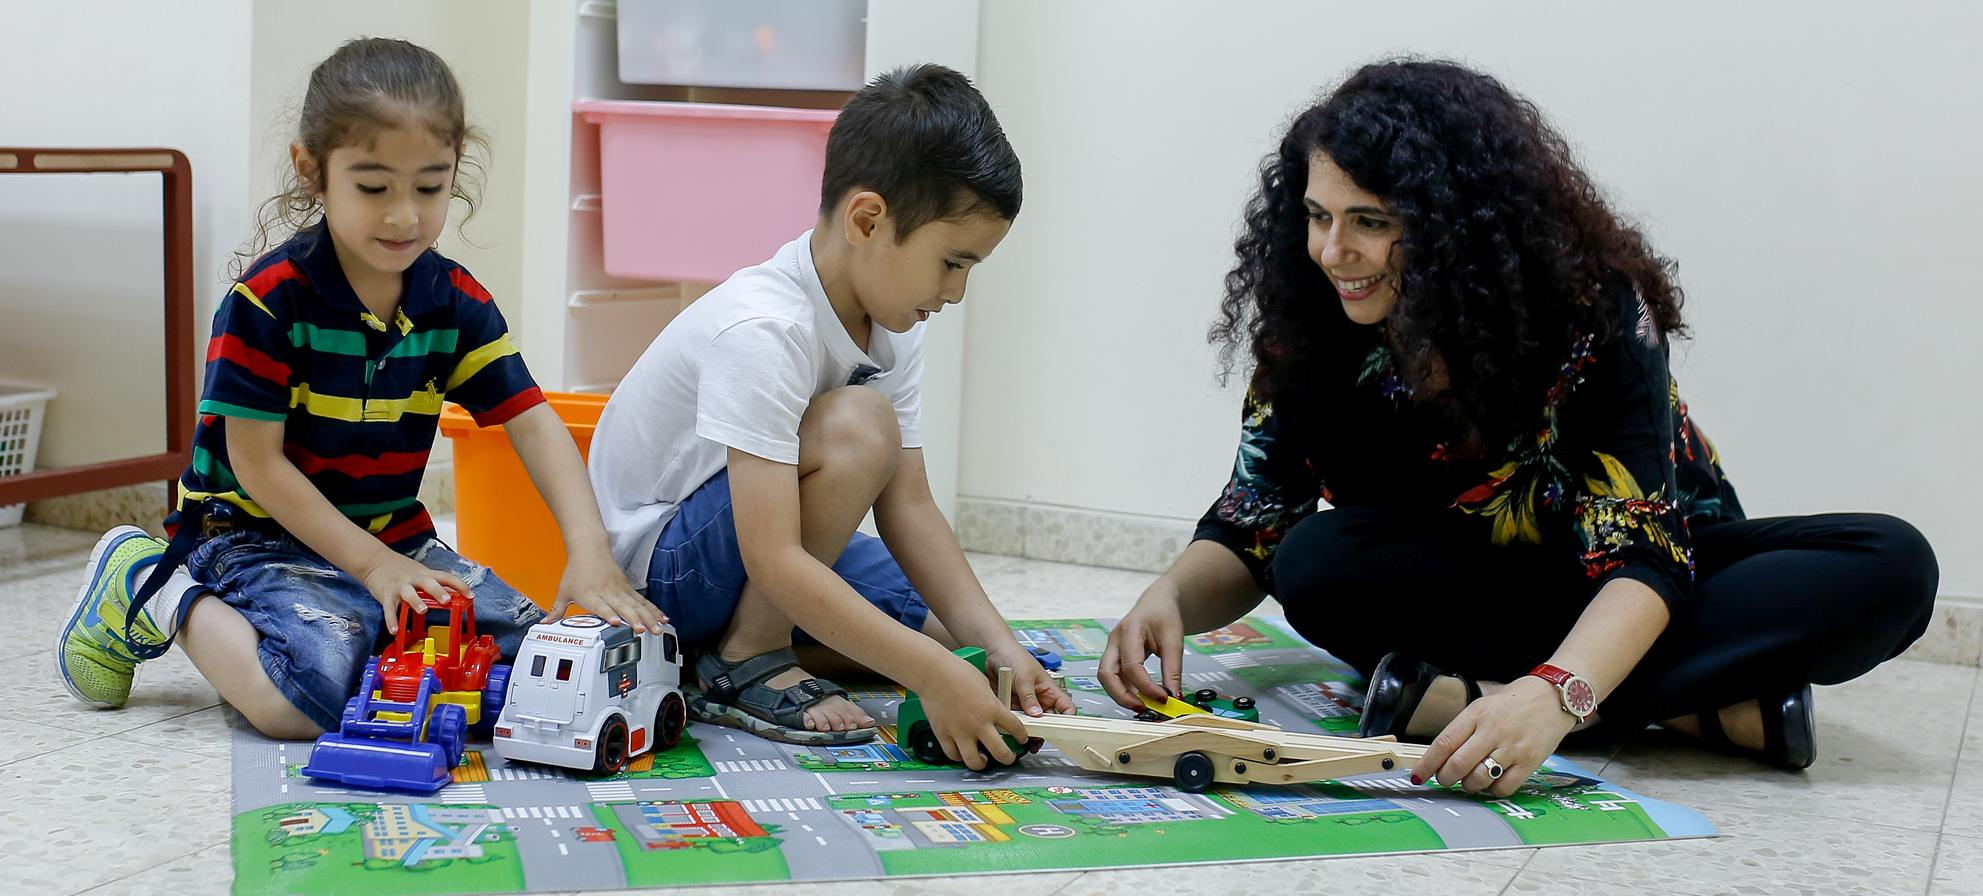 התפתחות הילד ואוטיזם